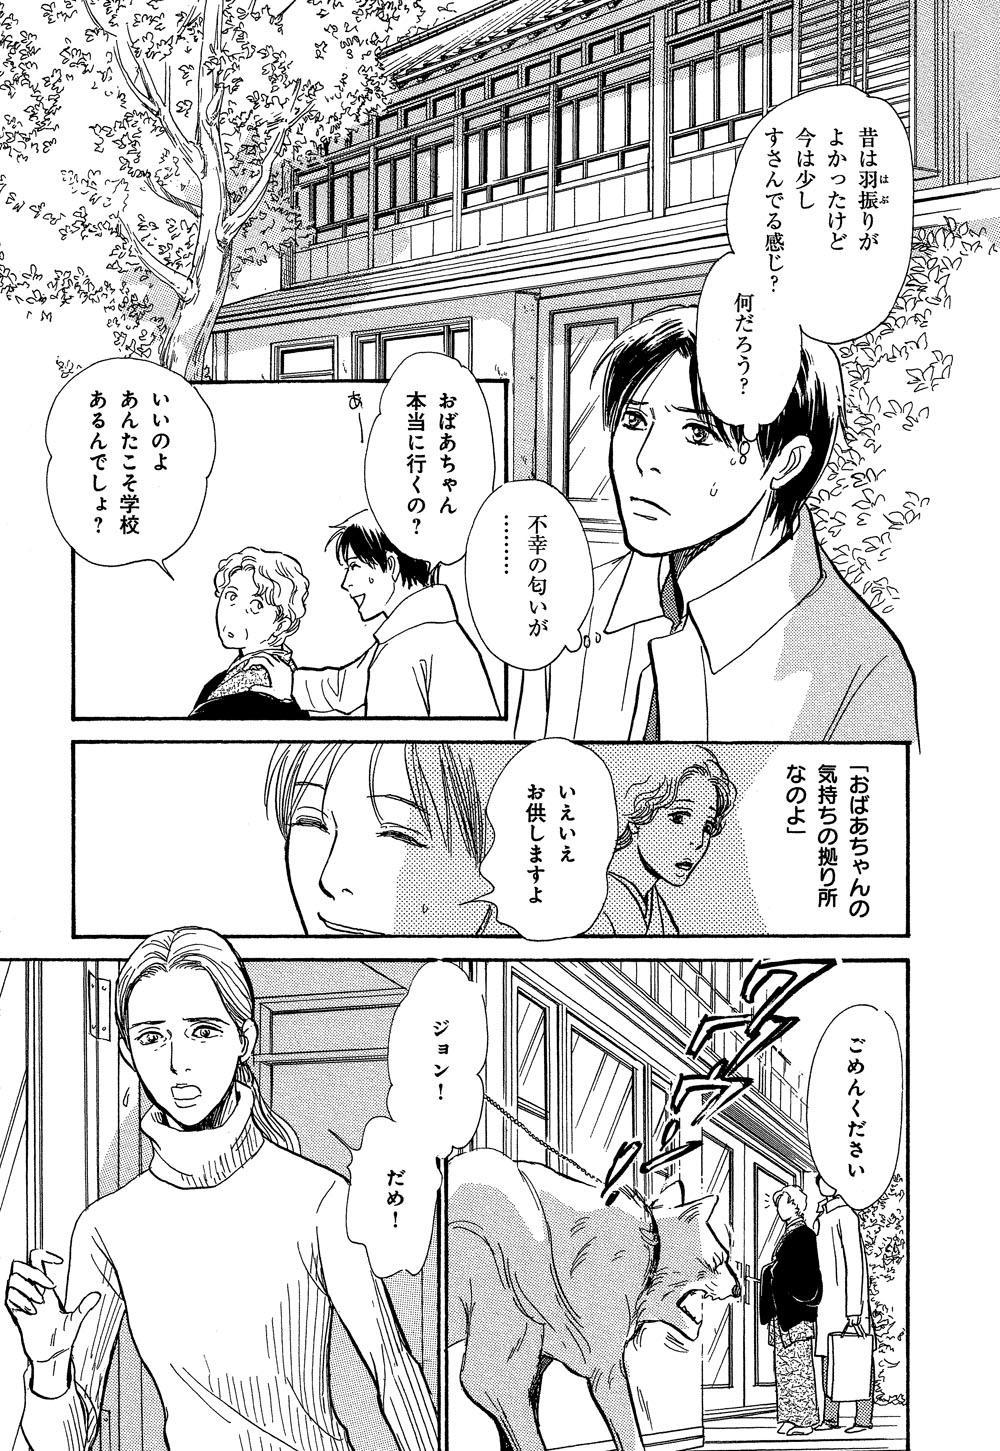 hyakki_0021_0023.jpg